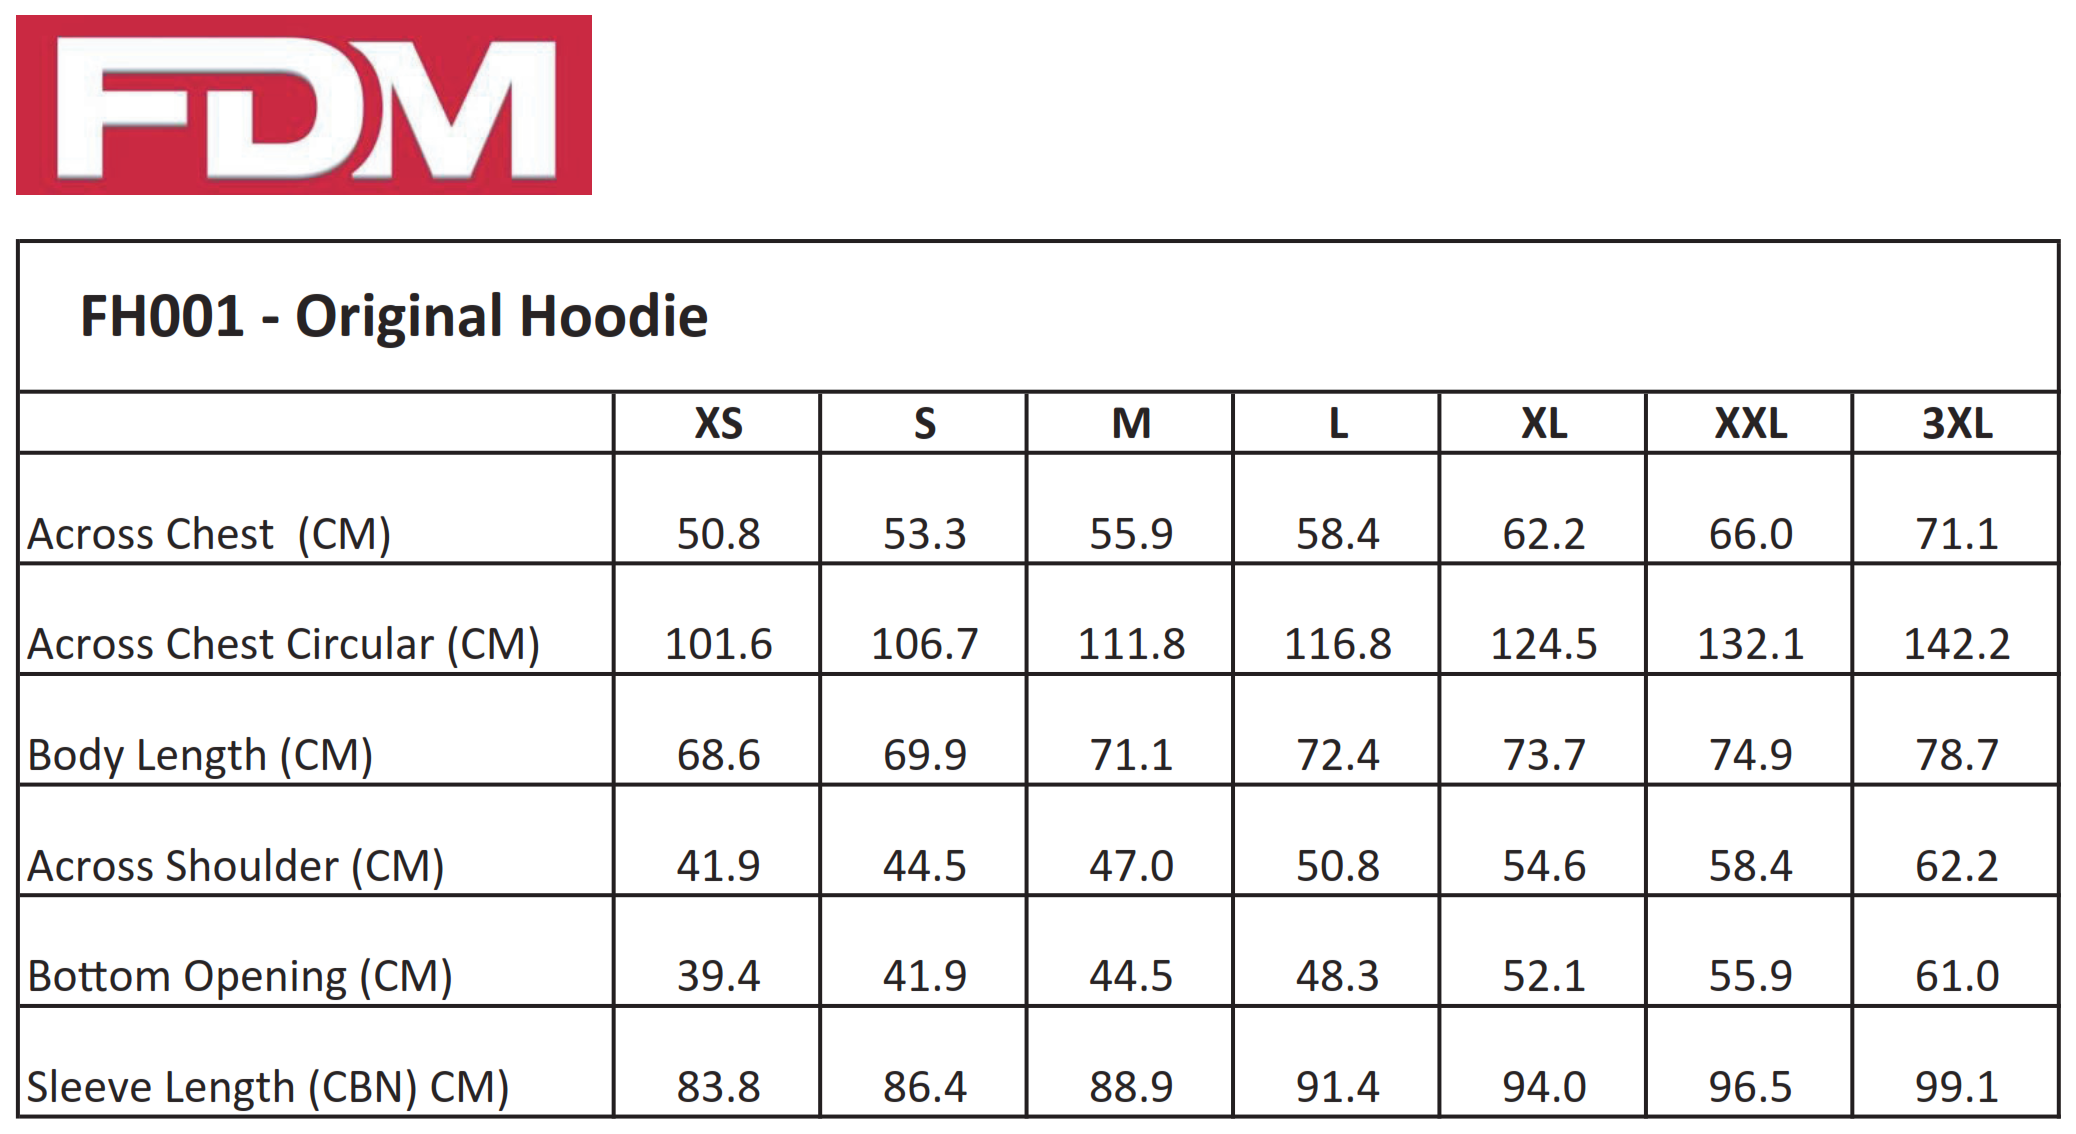 FDM: Original Hoodie FH001